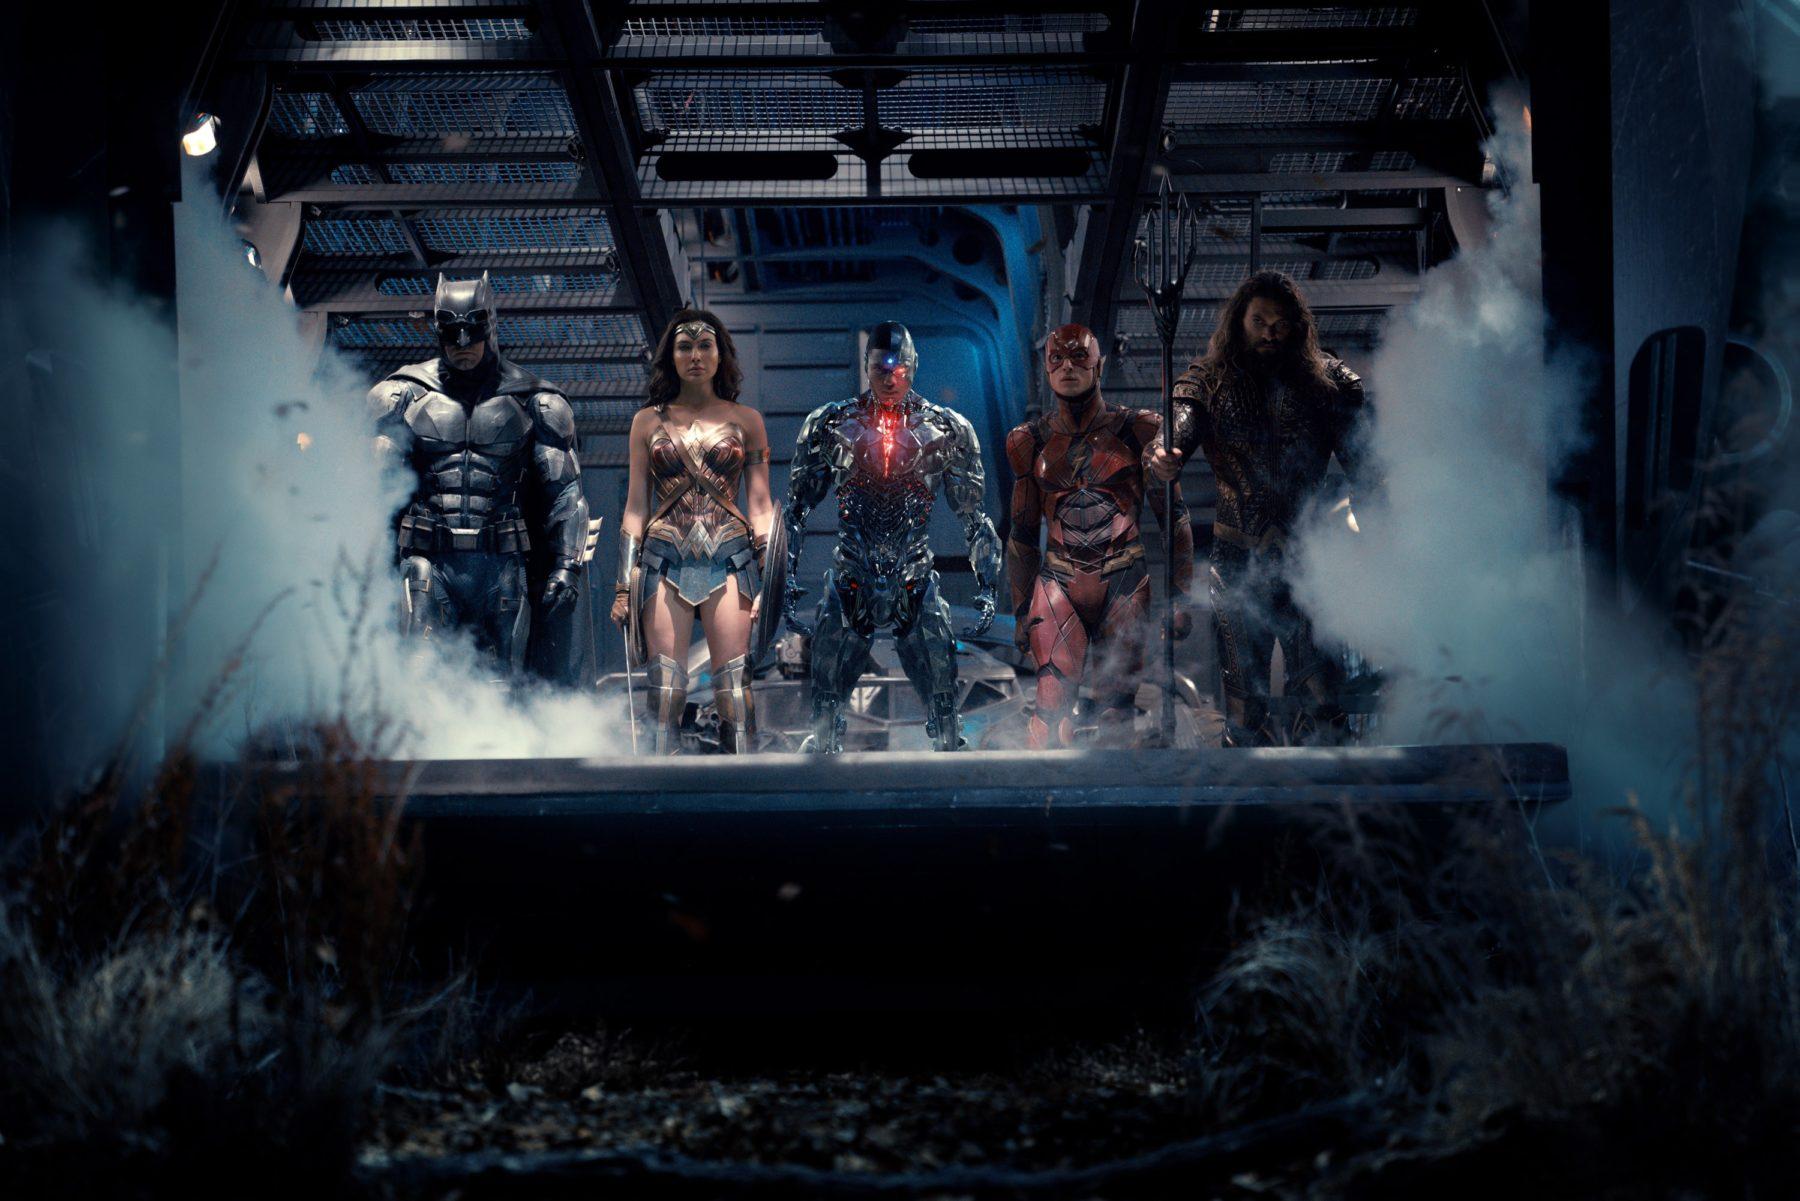 Justice League se está quedando atrás de Man of Steel en la taquilla nacional